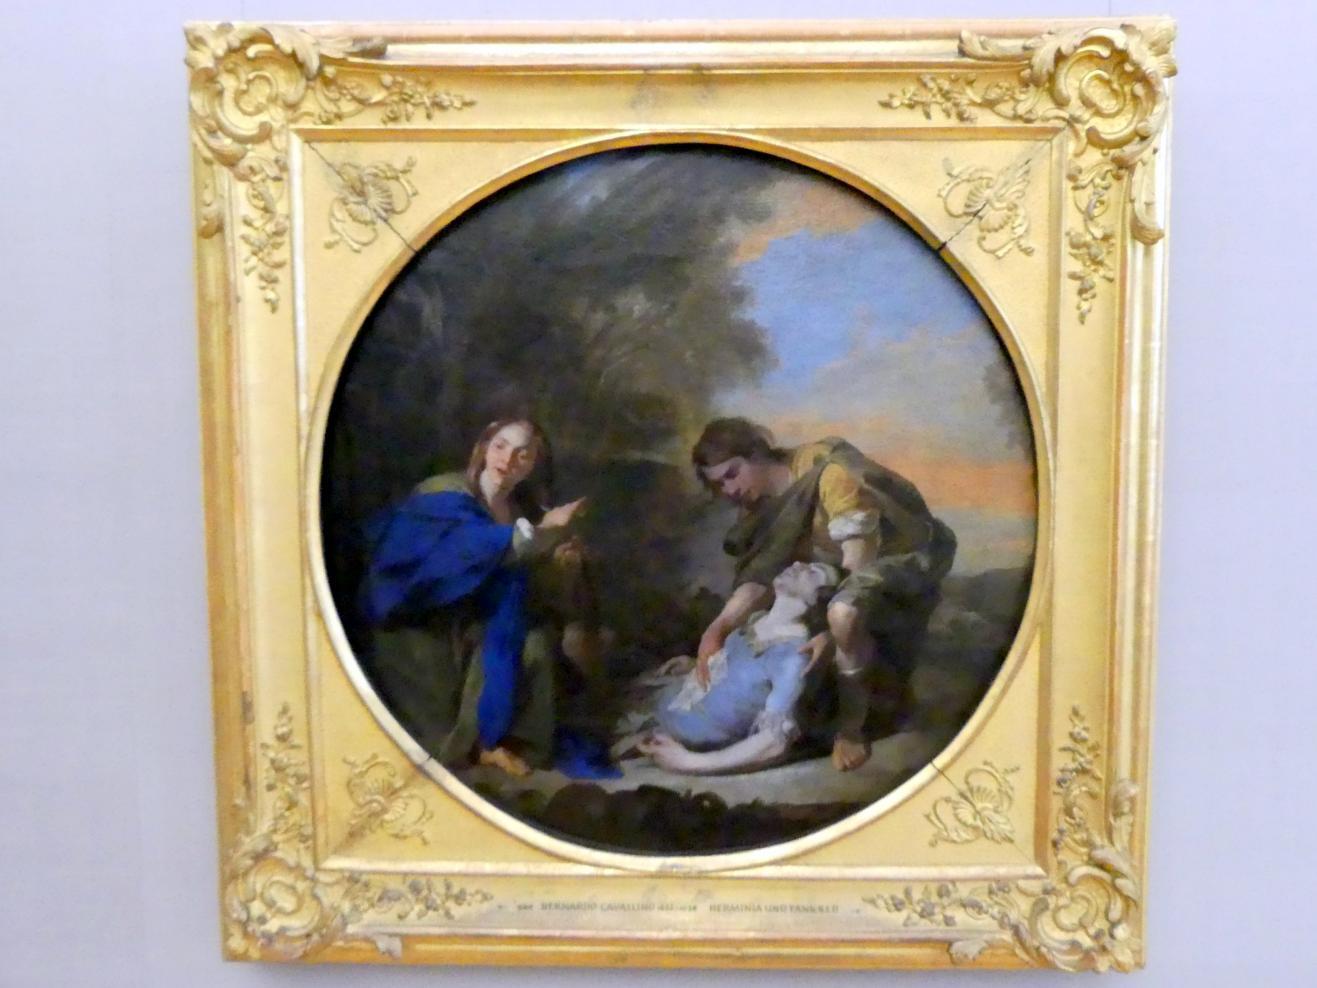 Bernardo Cavallino: Erminia und der verwundete Tancred, um 1650